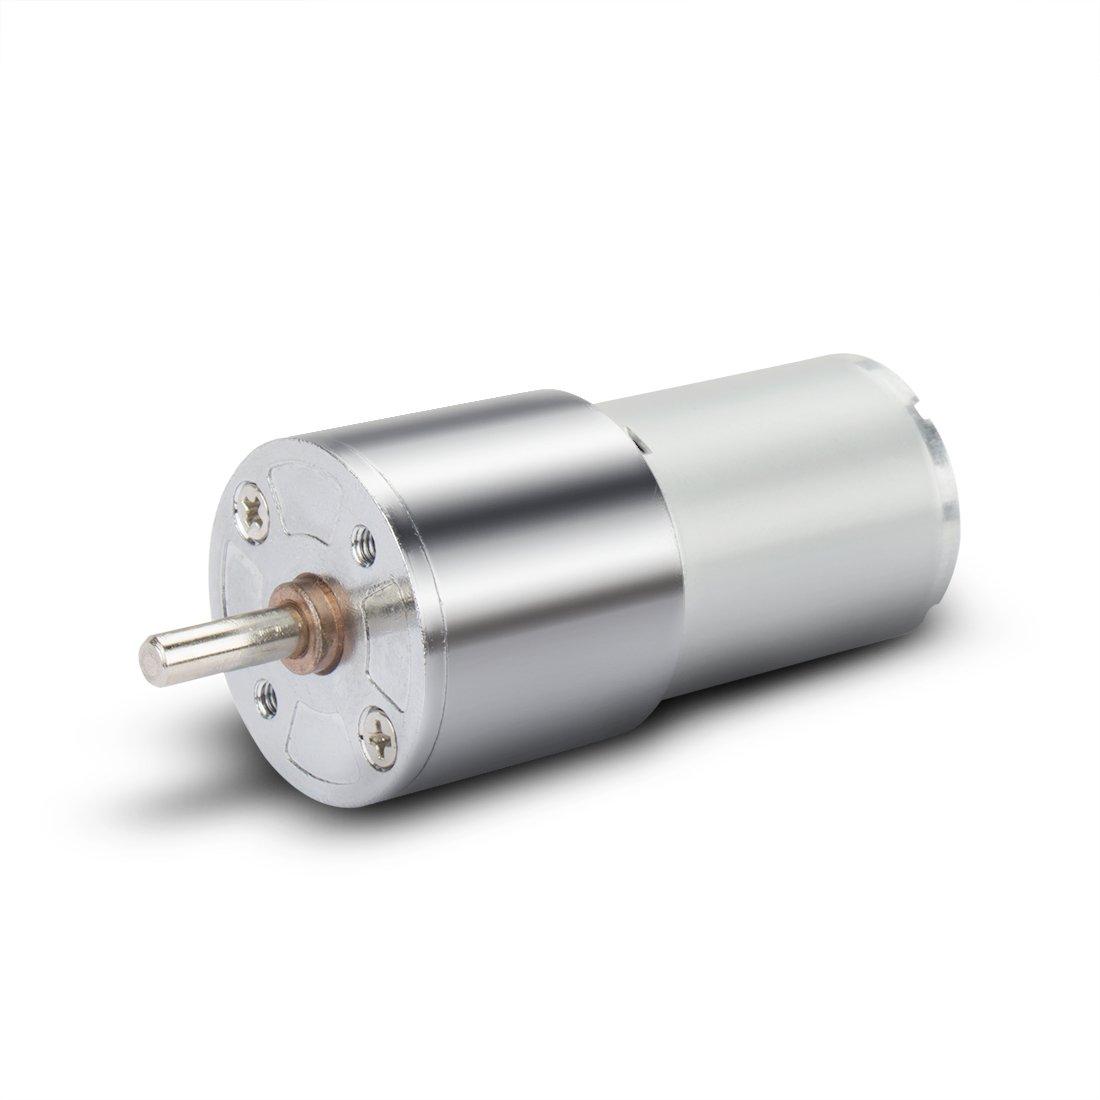 AERZETIX Interruptor del freno de mano puerta iluminacion interior compatible con 6366.78